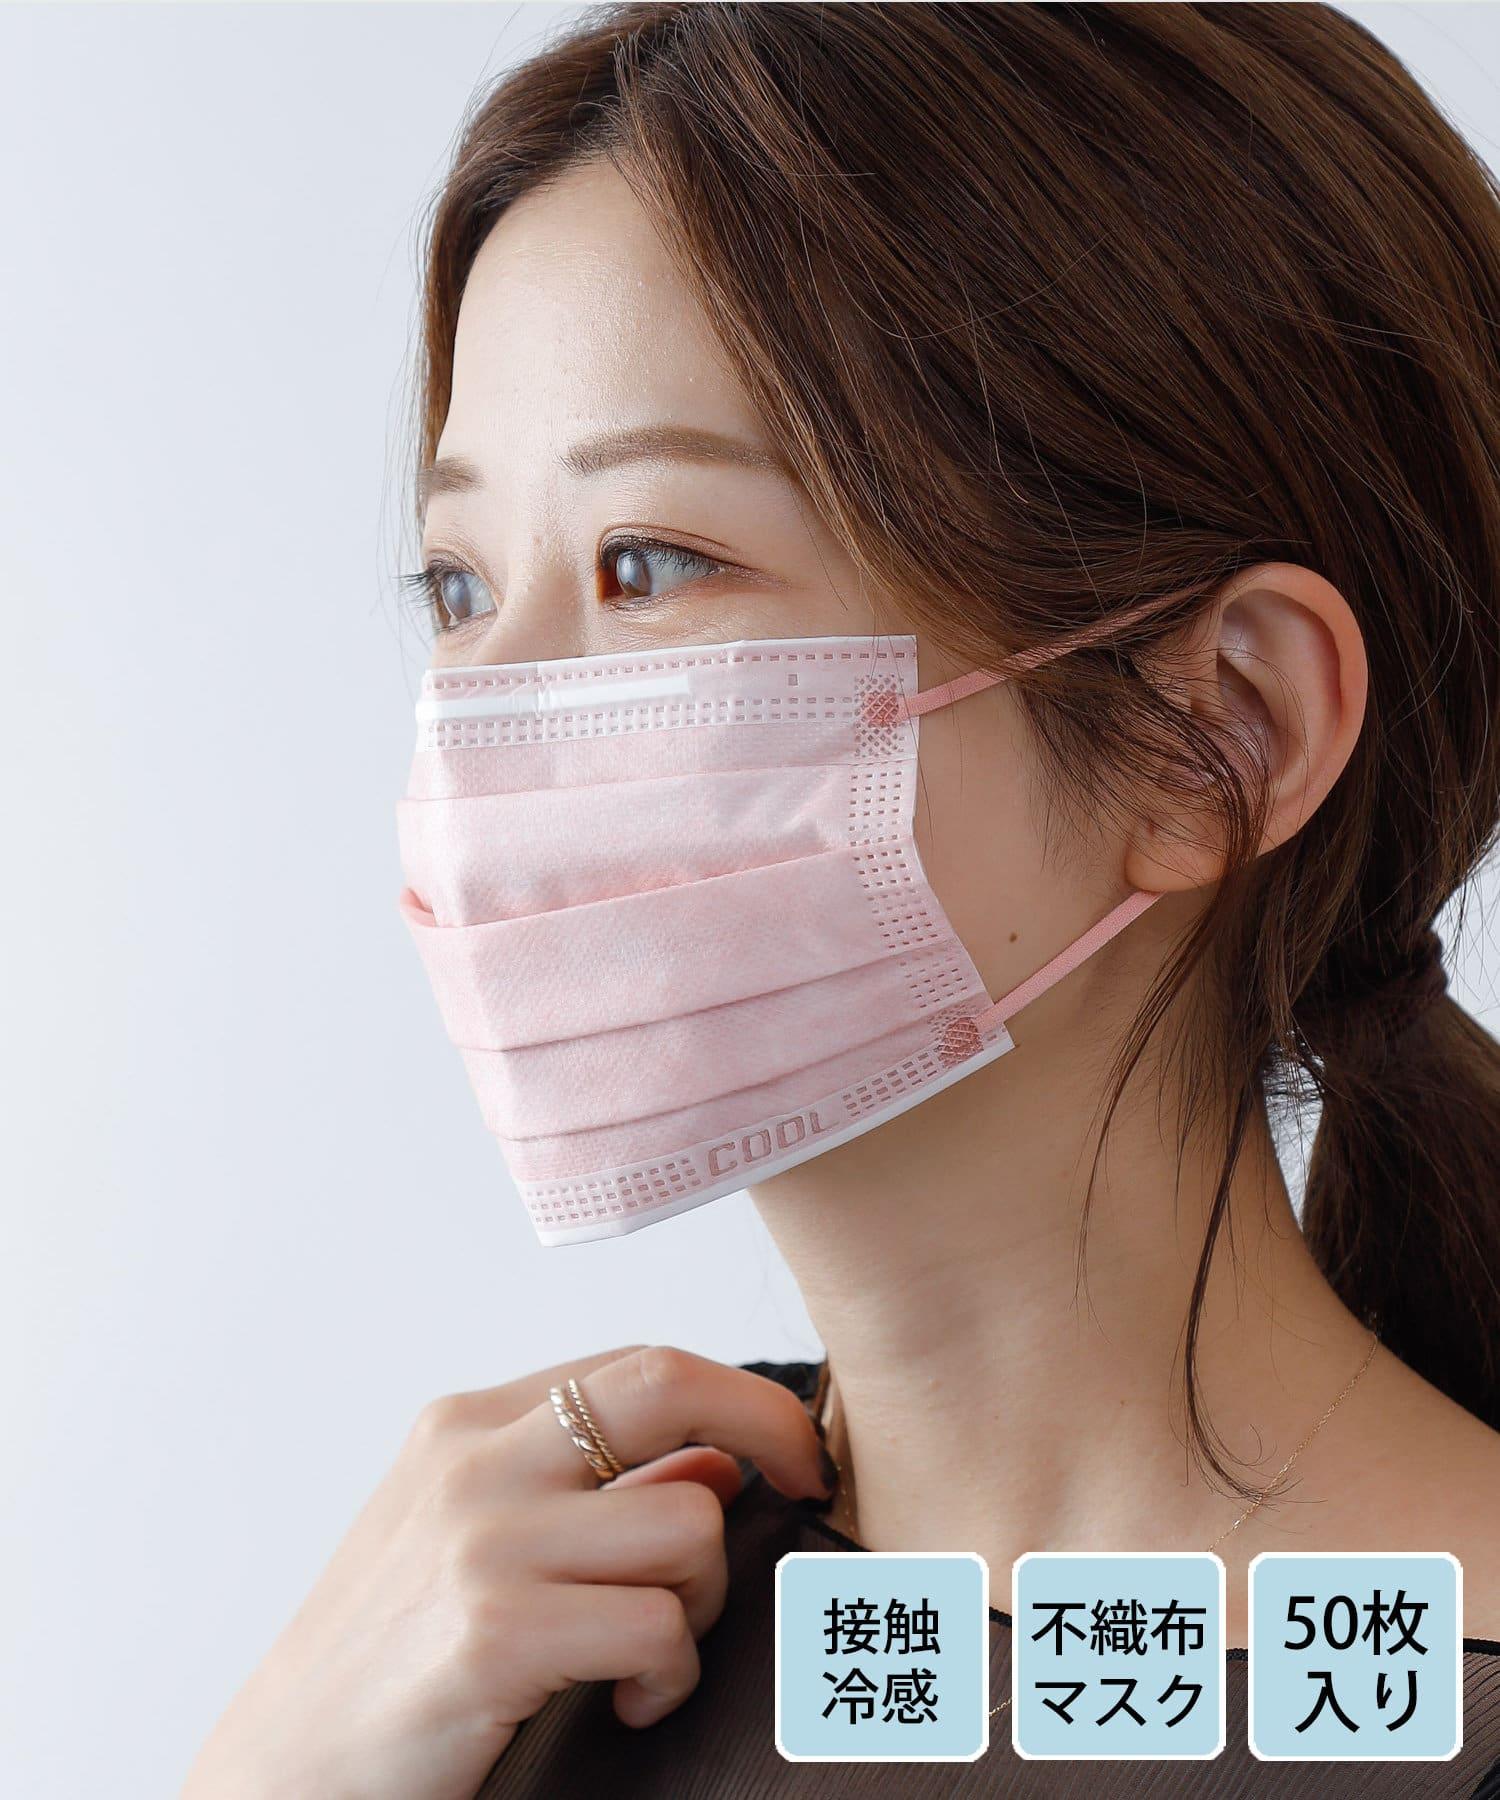 COLONY 2139(コロニー トゥーワンスリーナイン) ライフスタイル 【50枚入り】冷感不織布マスク ピンク